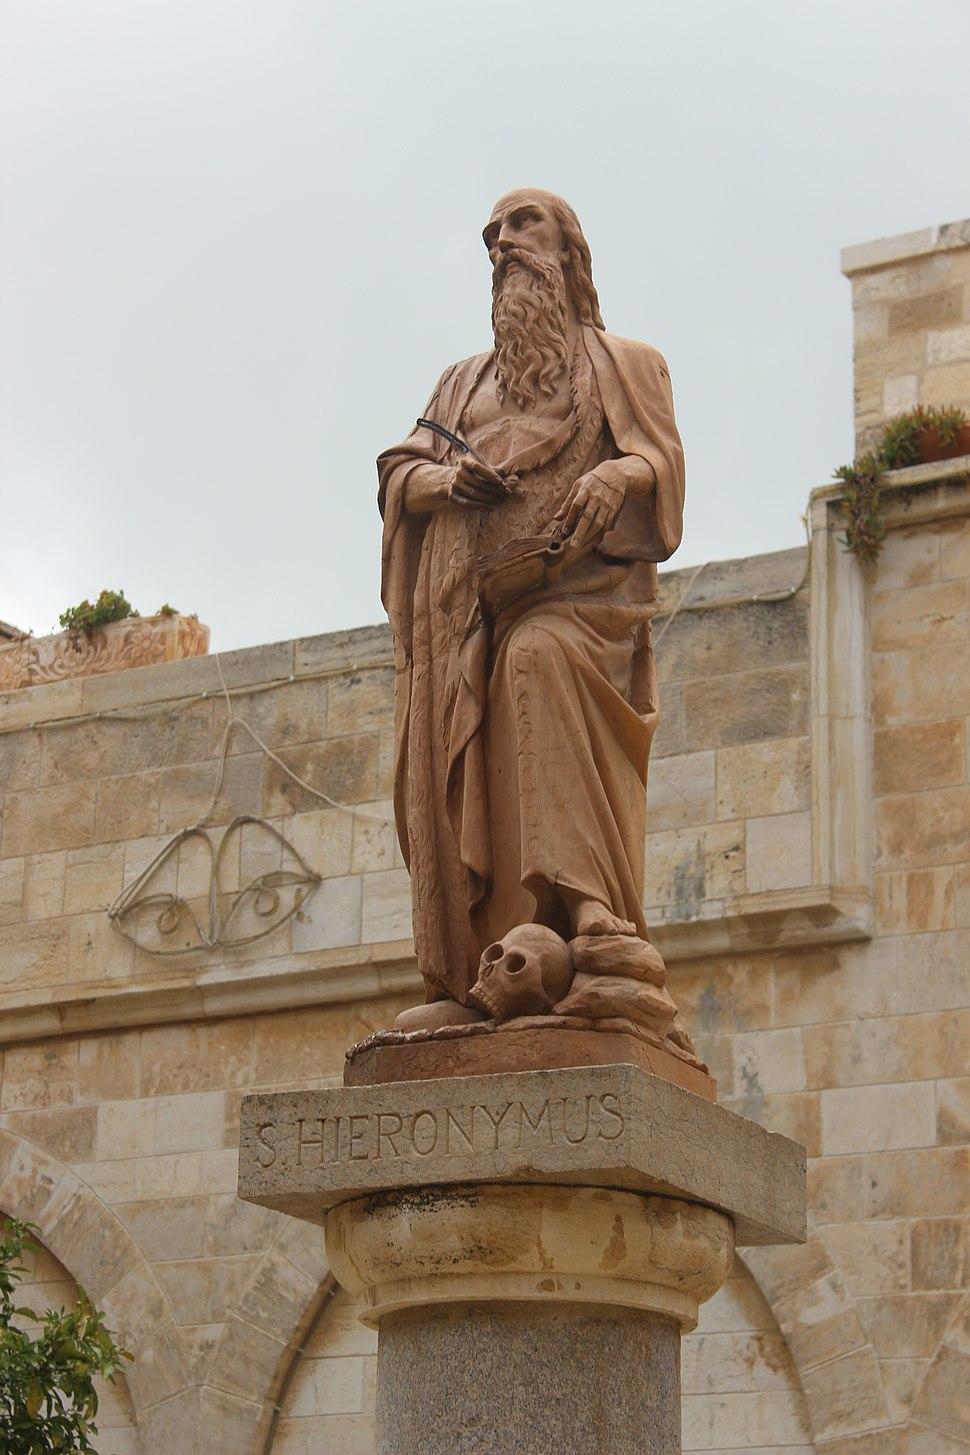 Saint Jerome ( Hieronymus )